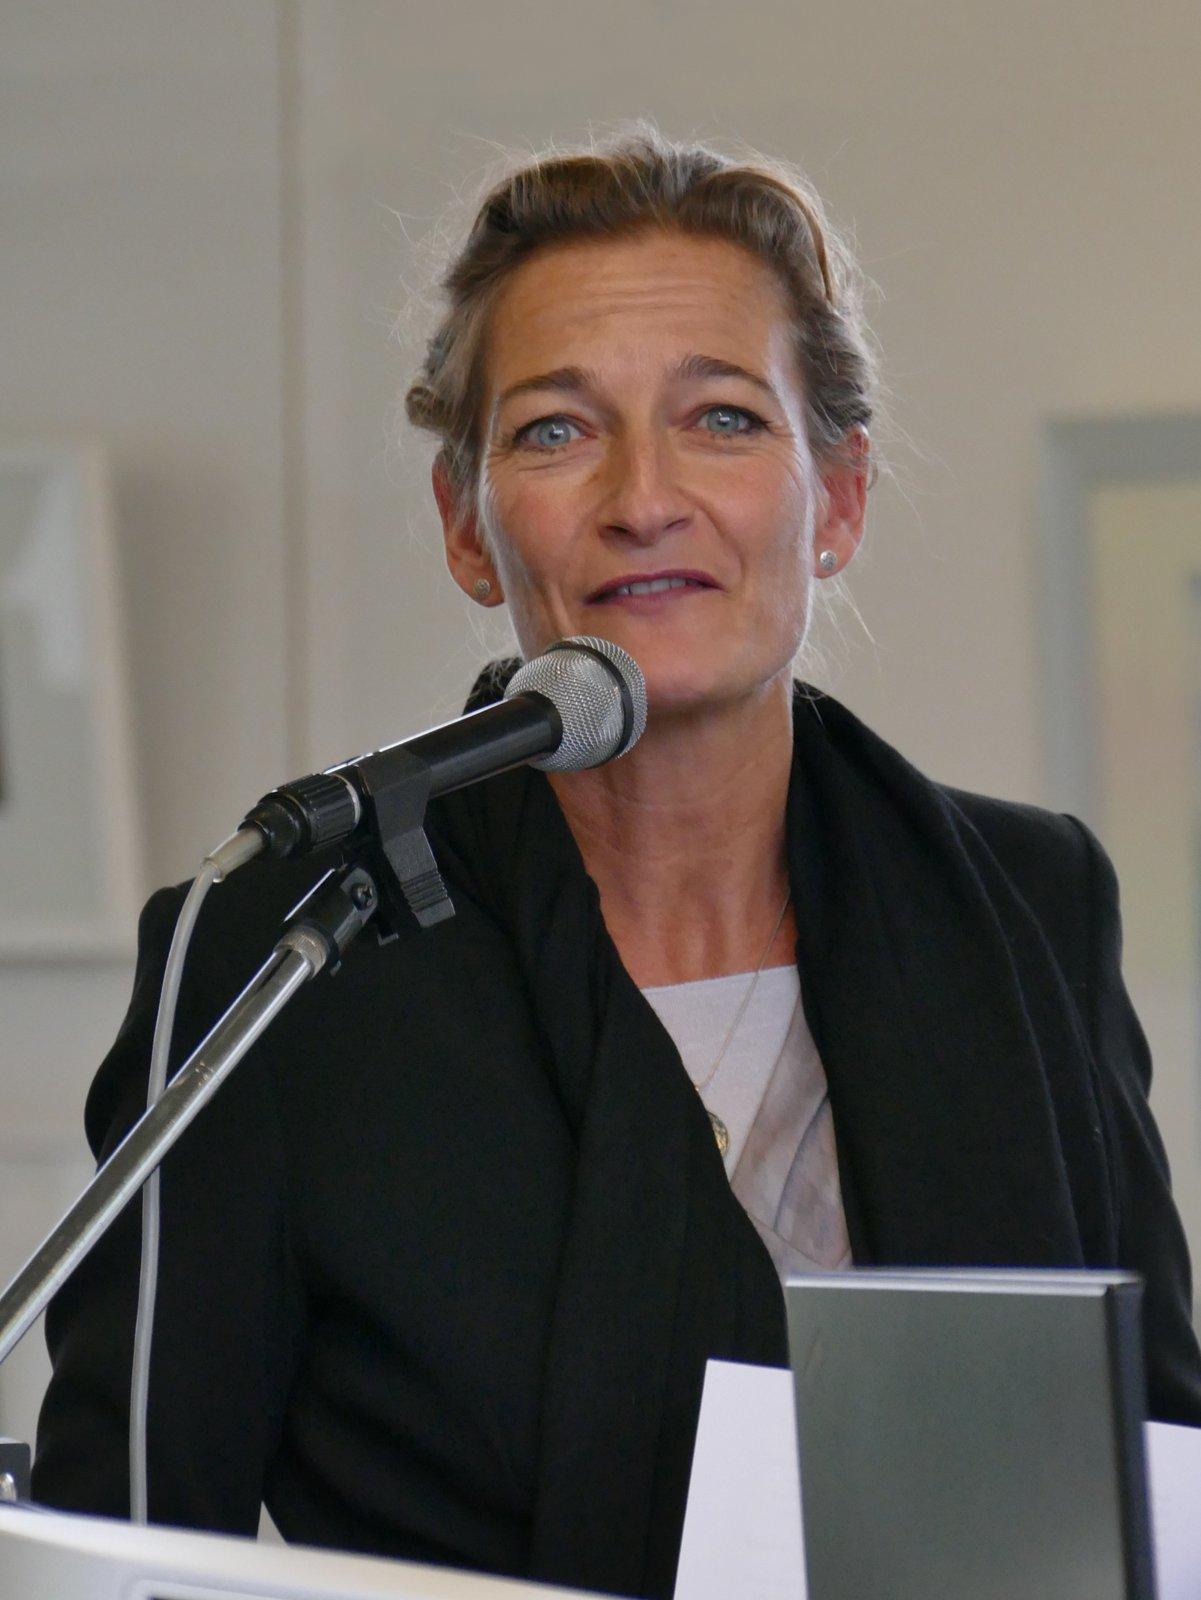 Sonia Fischer, Leiterin der Landsberger Museen, führt in die Ausstellung ein